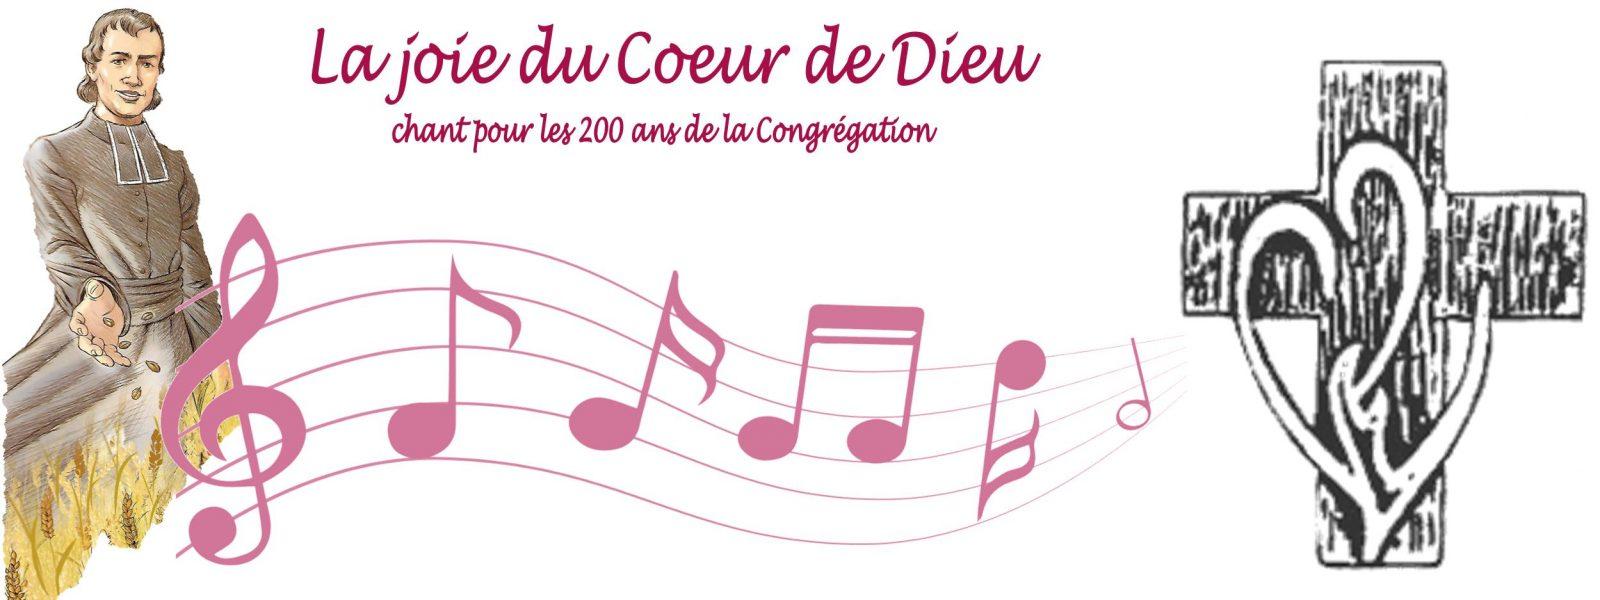 Le chant du Bicentenaire de la Congrégation